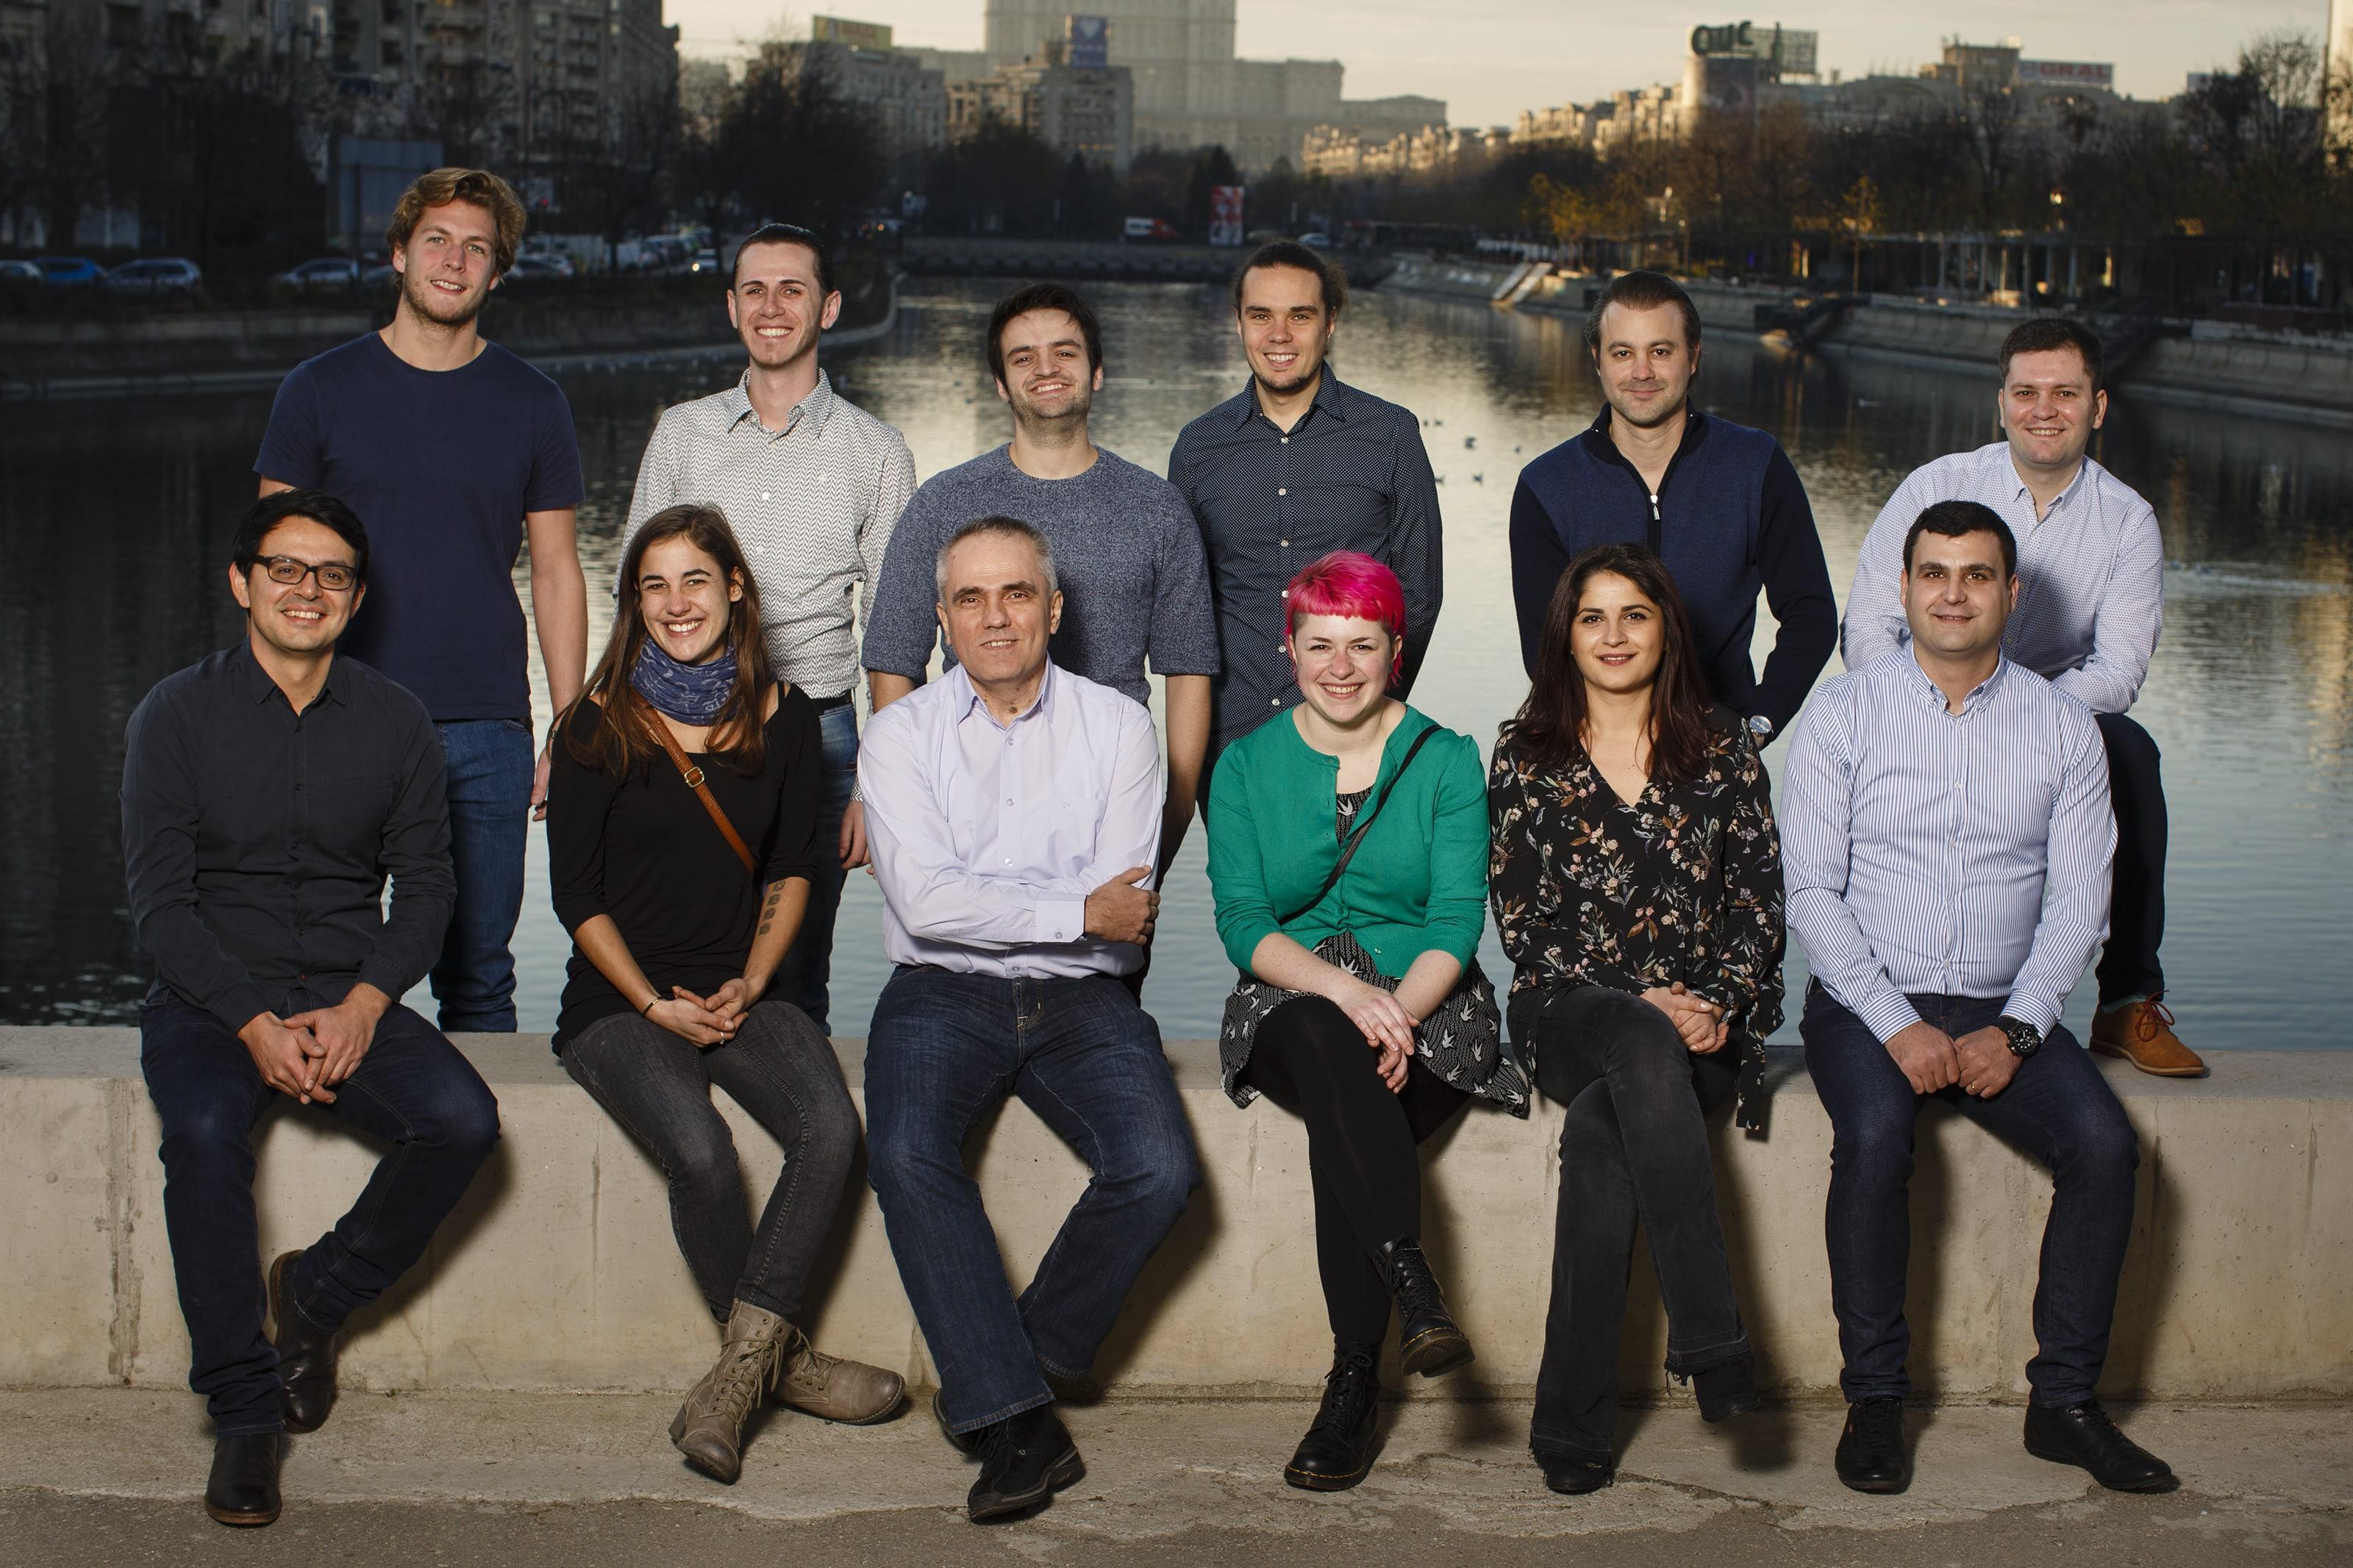 Teamfoto kurz vor dem Weihnachtsessen 2017